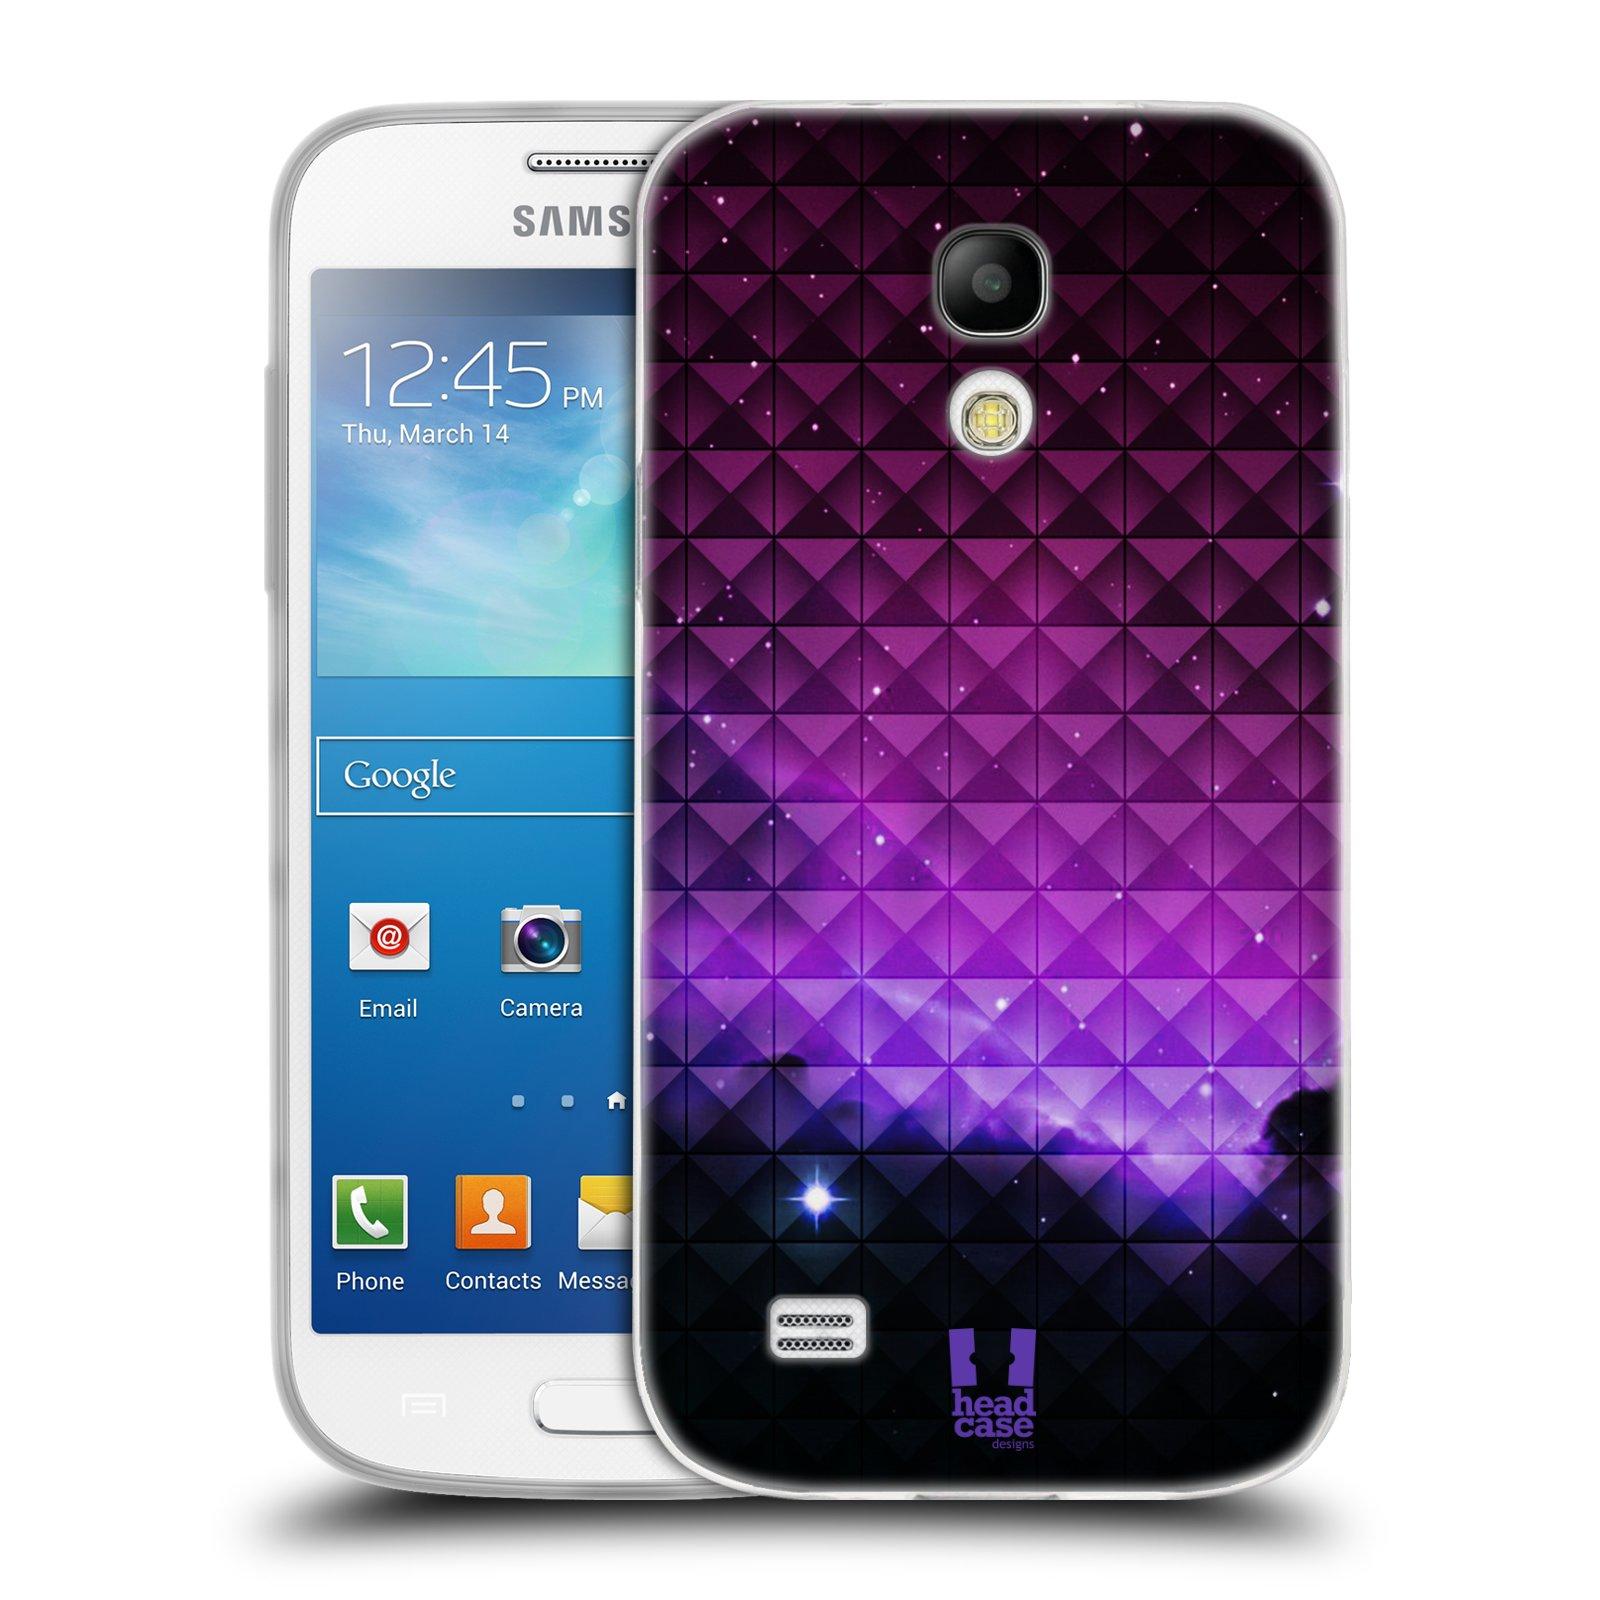 Silikonové pouzdro na mobil Samsung Galaxy S4 Mini HEAD CASE PURPLE HAZE (Silikonový kryt či obal na mobilní telefon Samsung Galaxy S4 Mini GT-i9195 / i9190 (nepasuje na verzi Black Edition))